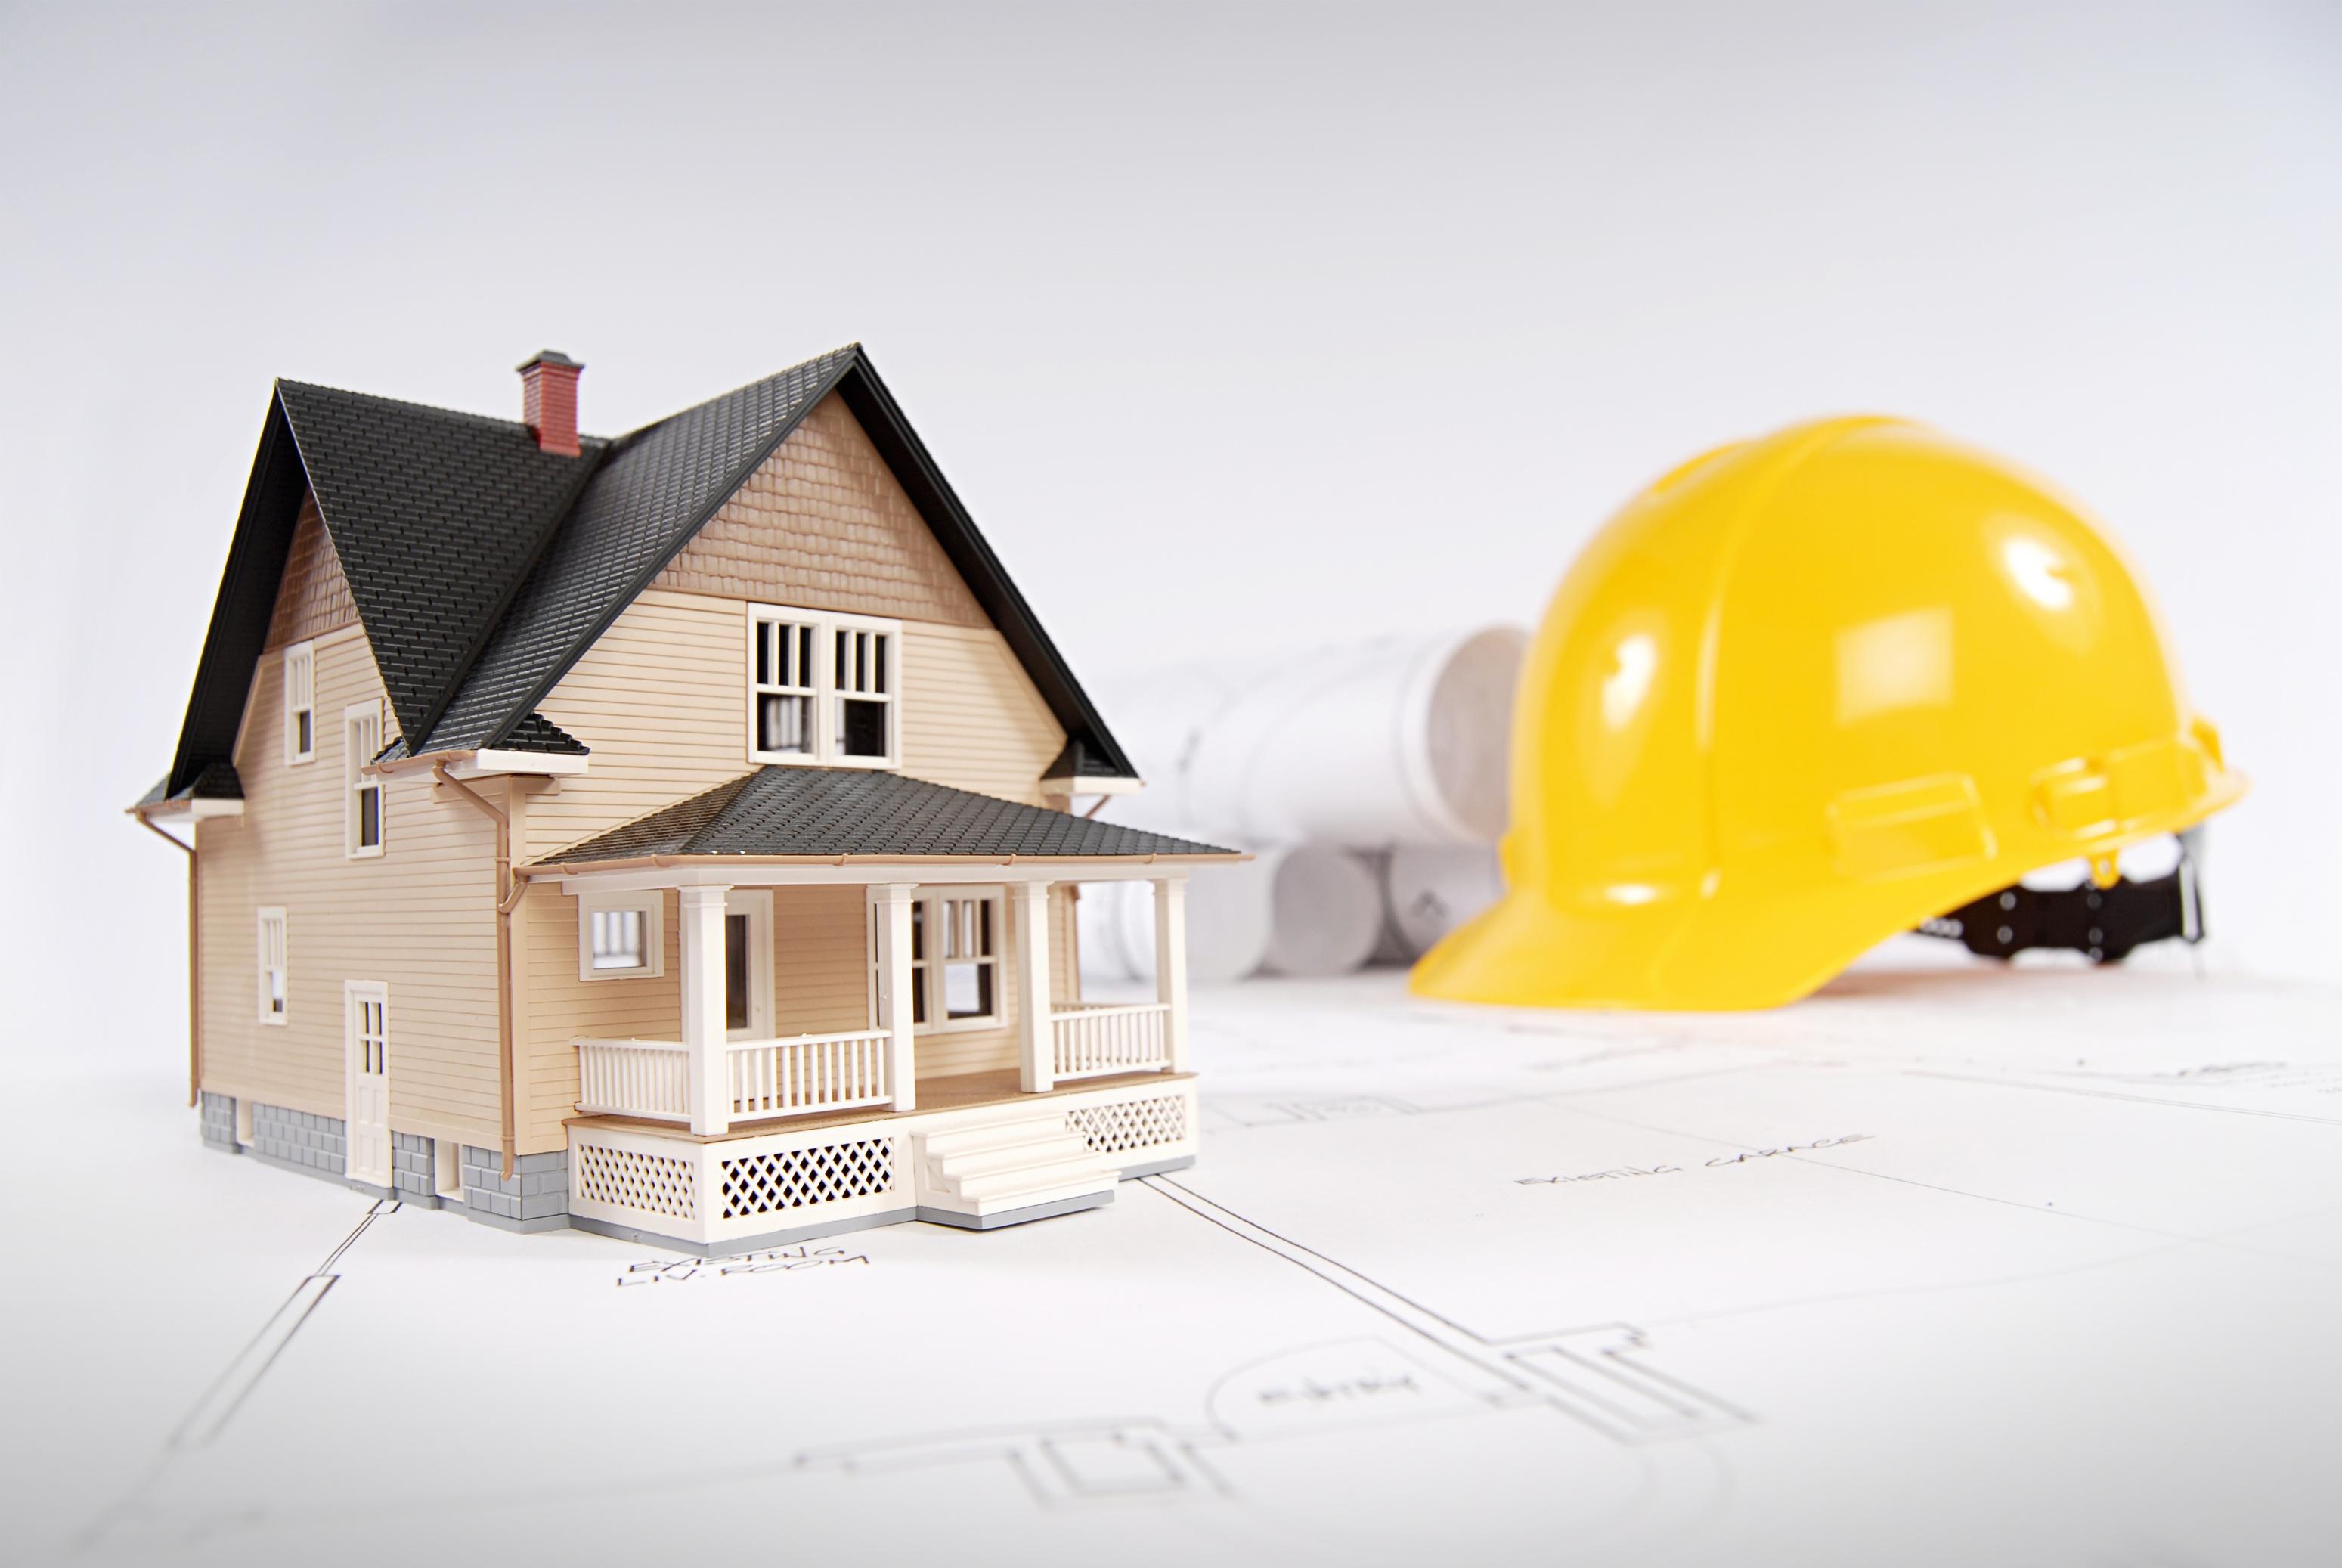 Les travaux dispensés de permis de construire pour bâtiment